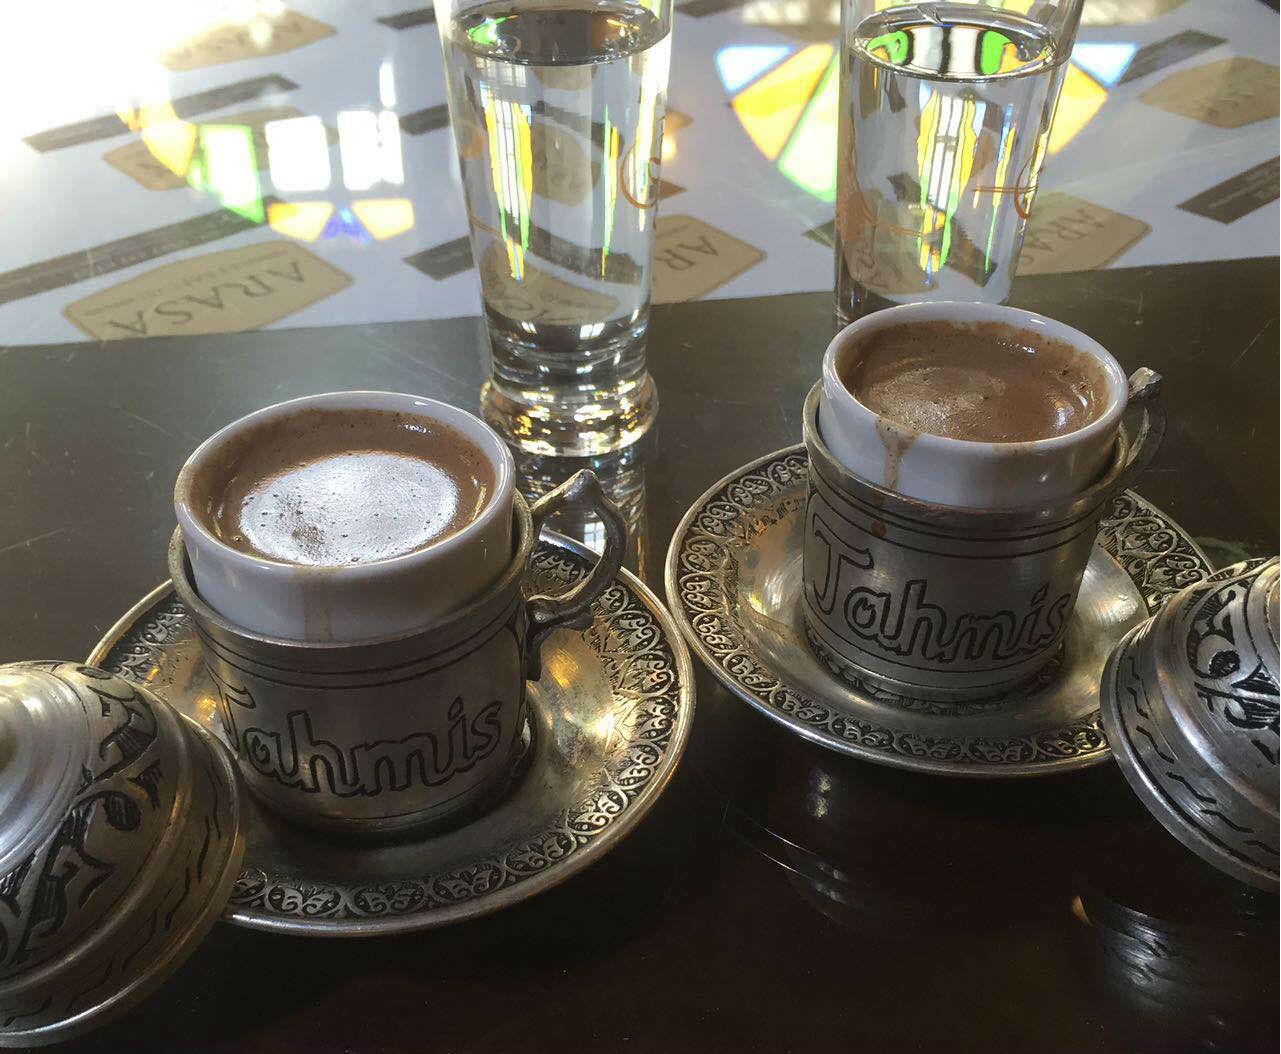 tahmis-kahvesi-menengic-antep